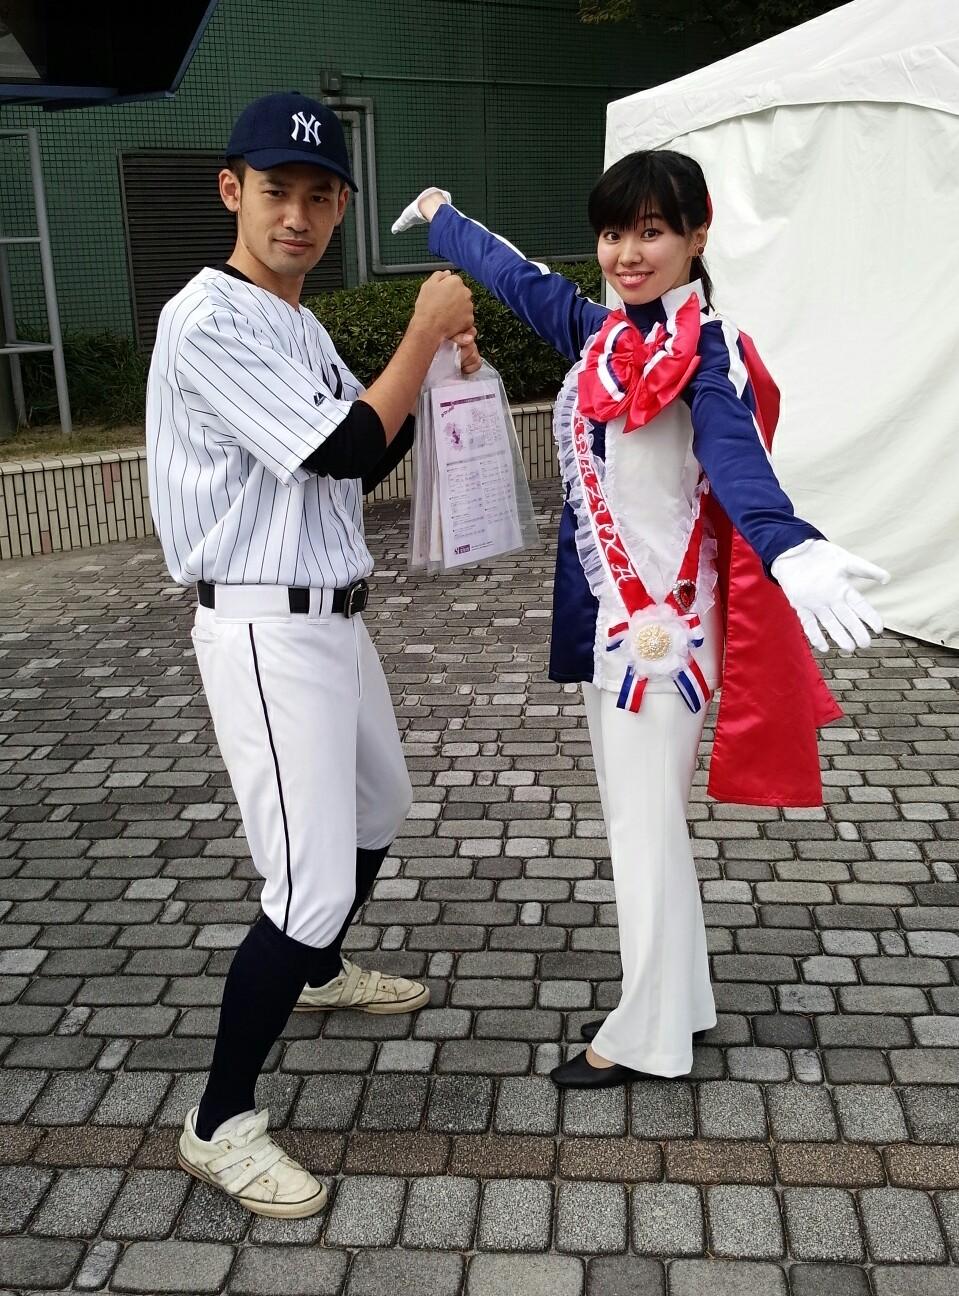 宝塚ランニングフェスティバル♪_a0218340_20125262.jpg